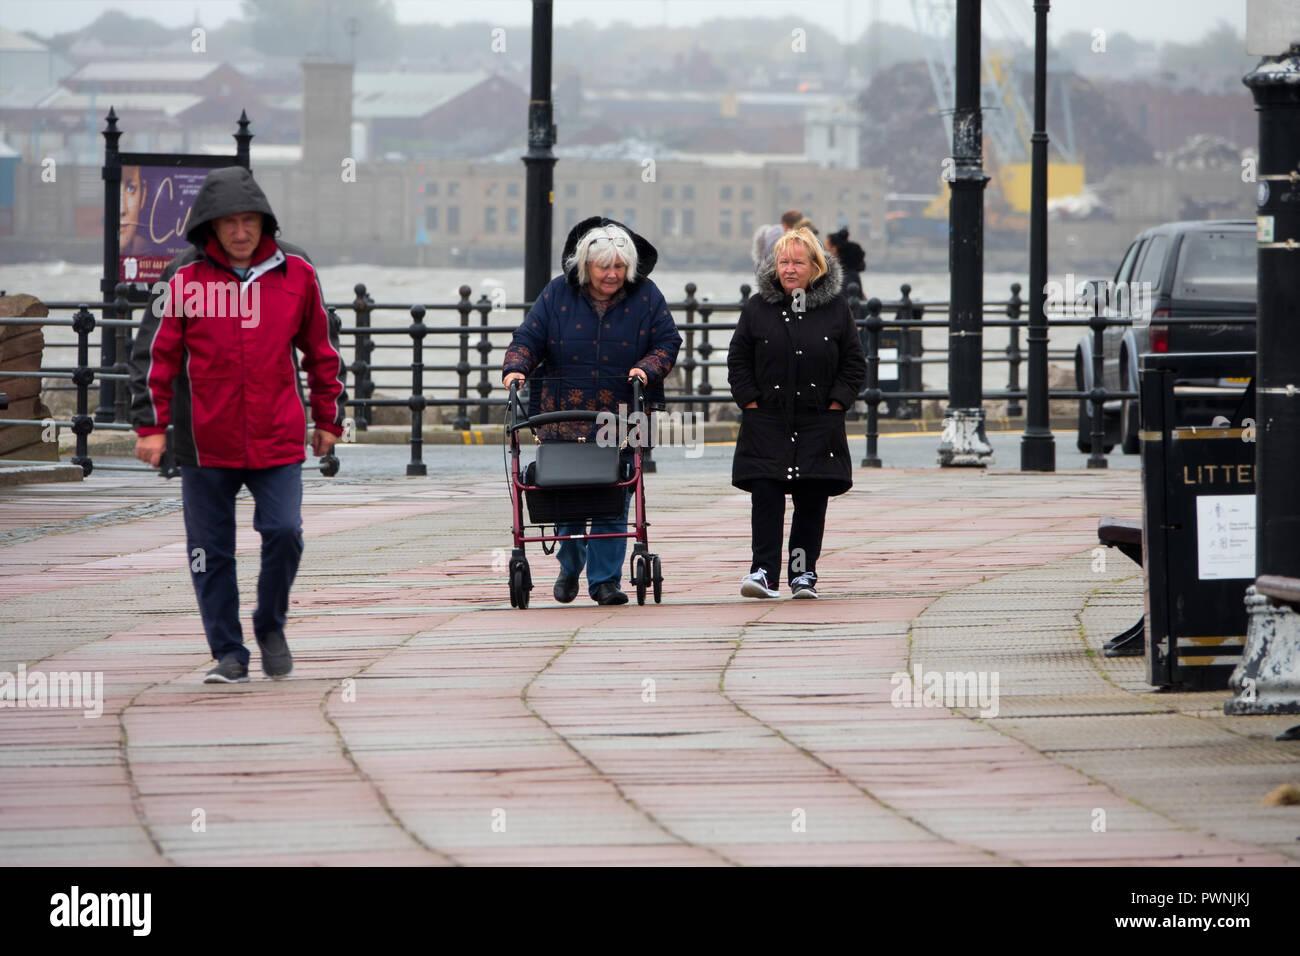 Météo britannique. Une femme marchant le long de la promenade avec une aide à la mobilité en cas de tempête Photo Stock